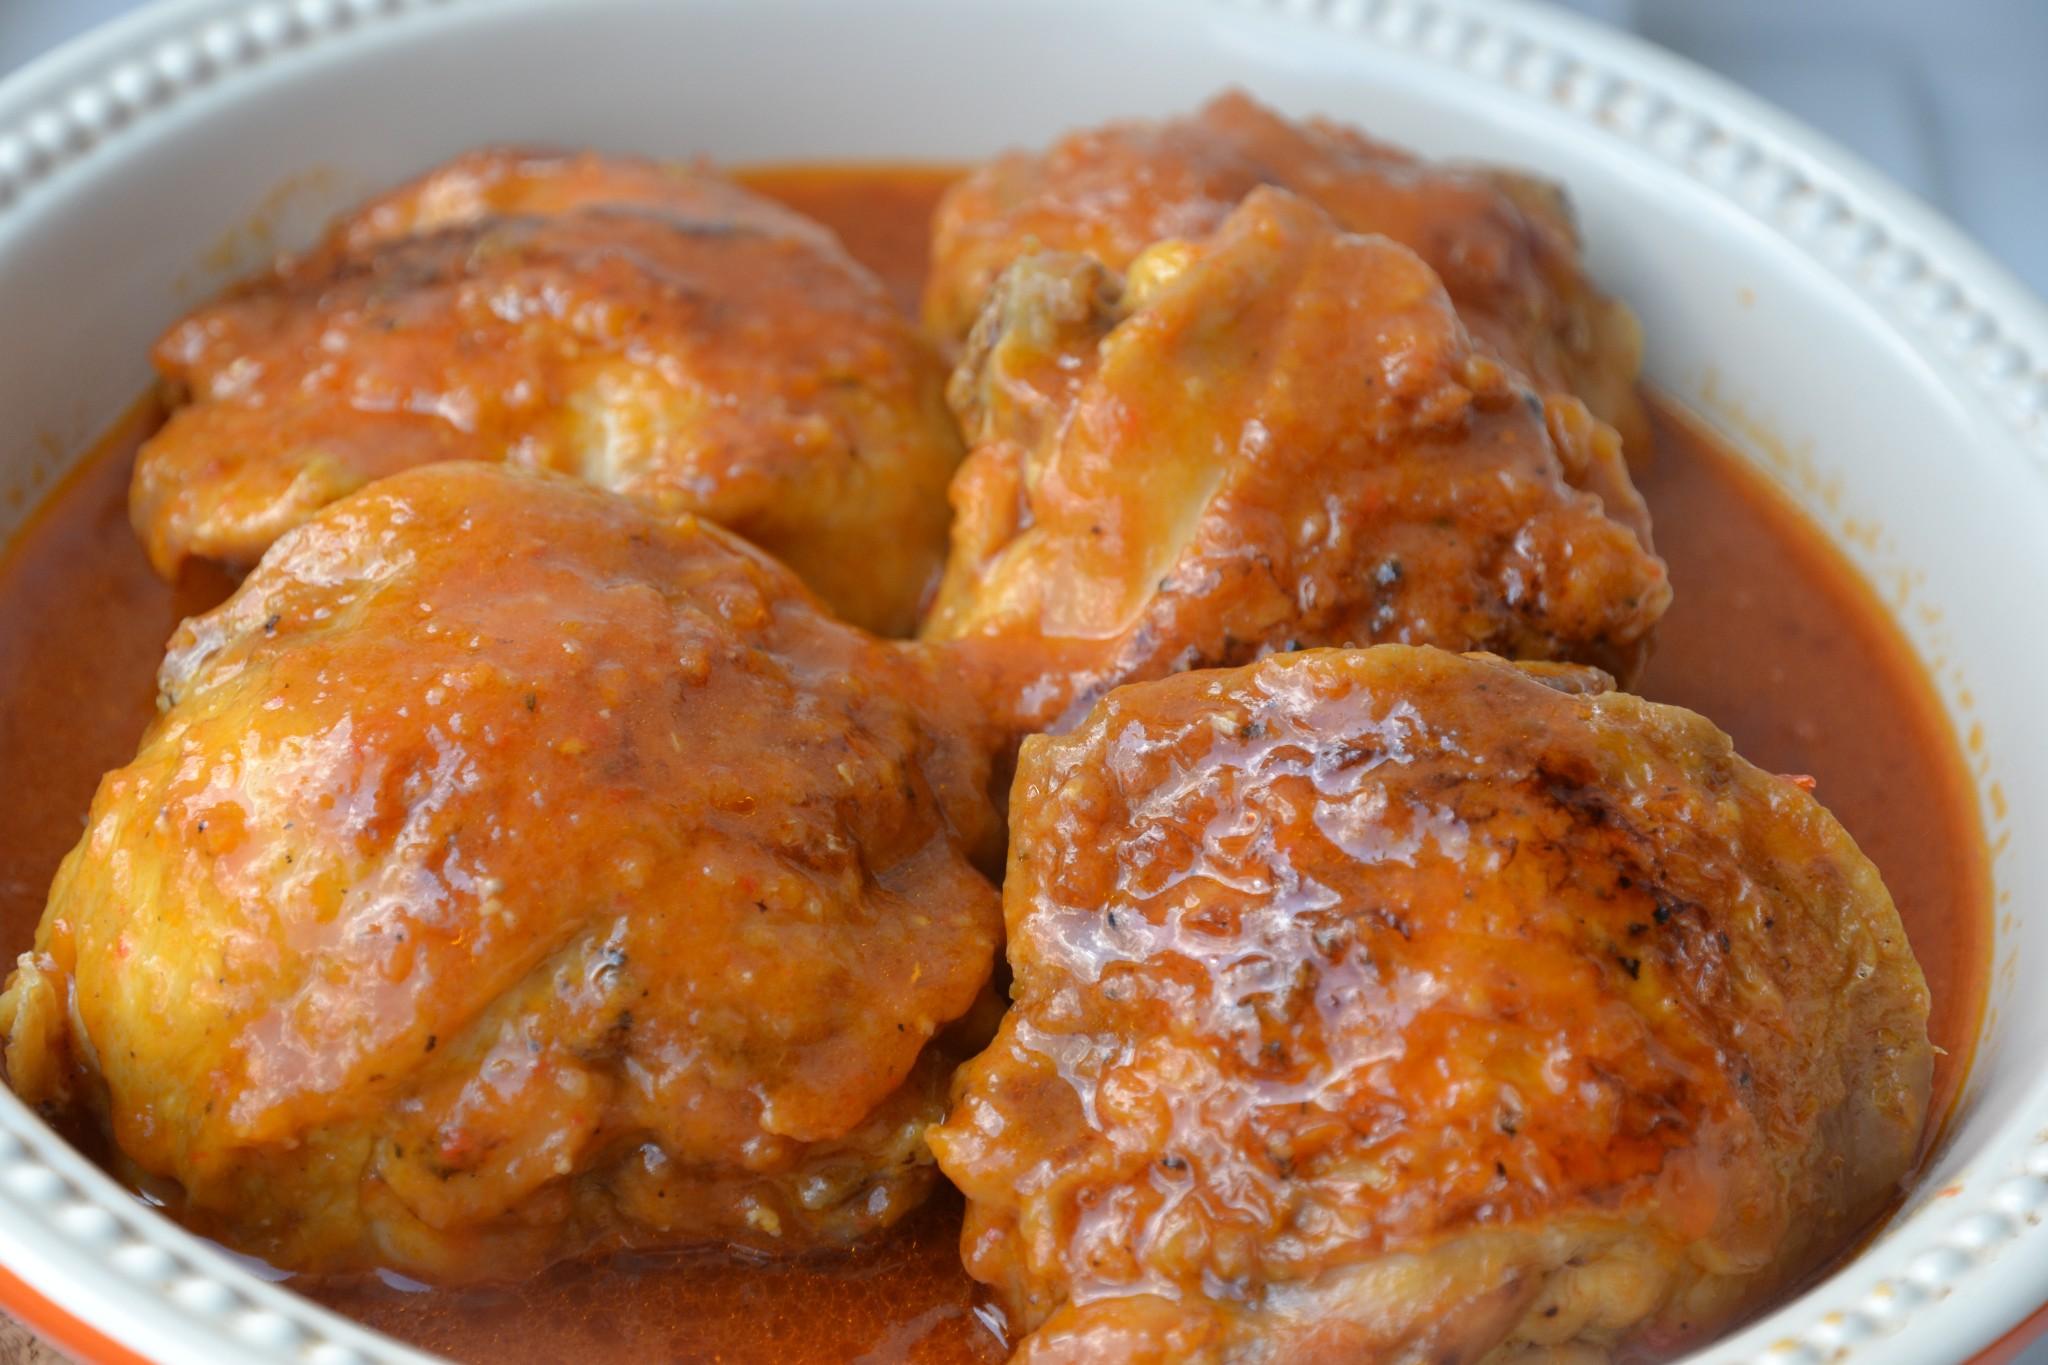 Recetas con guiso de pollo mil recetas - Pollo de corral guisado ...